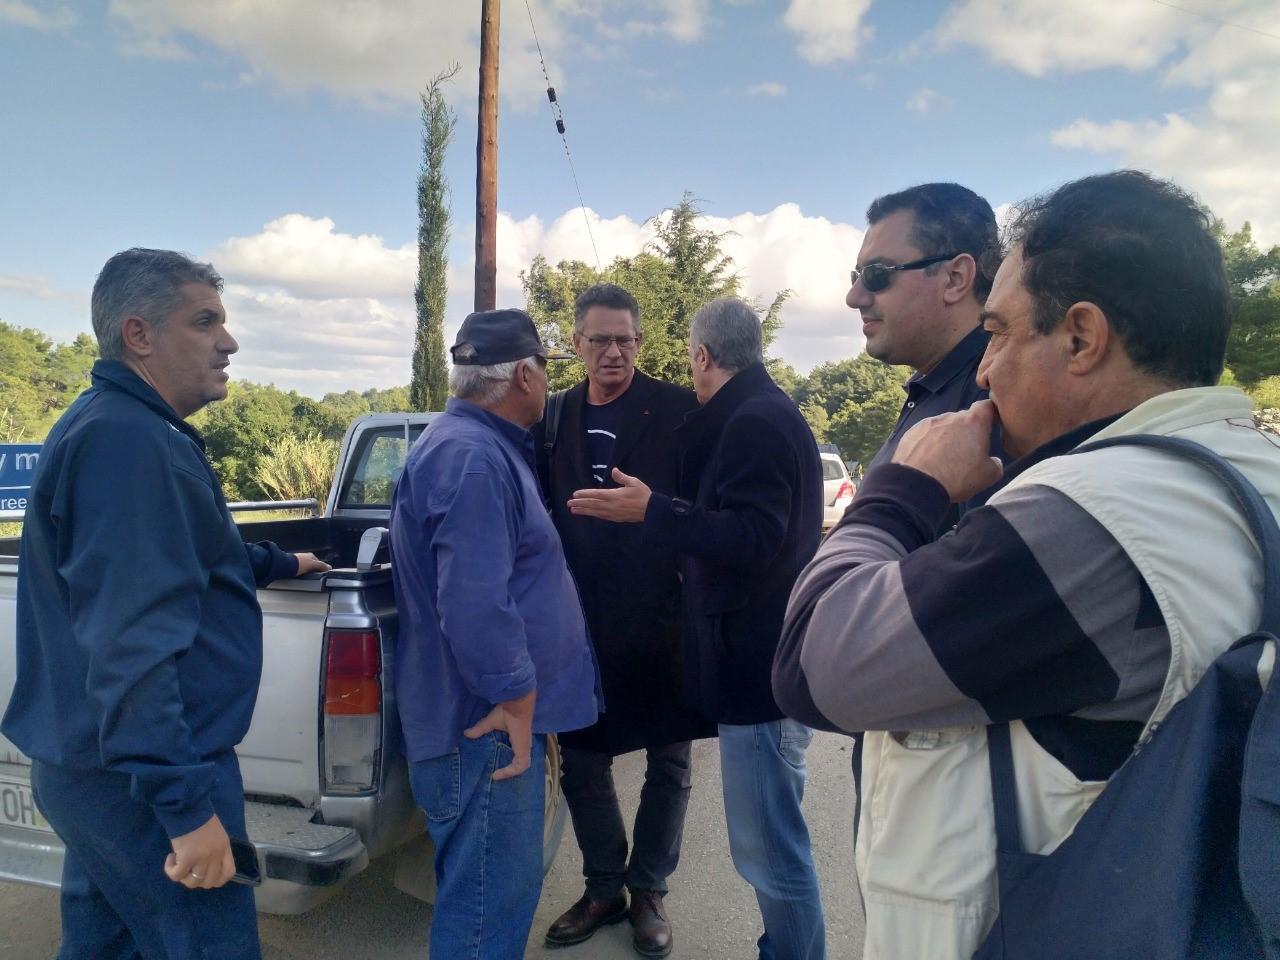 Κ. Αρβανίτης: «Το Επιτελικό Κράτος Μητσοτάκη Απόν στη Ρόδο» - Φωτογραφία 1